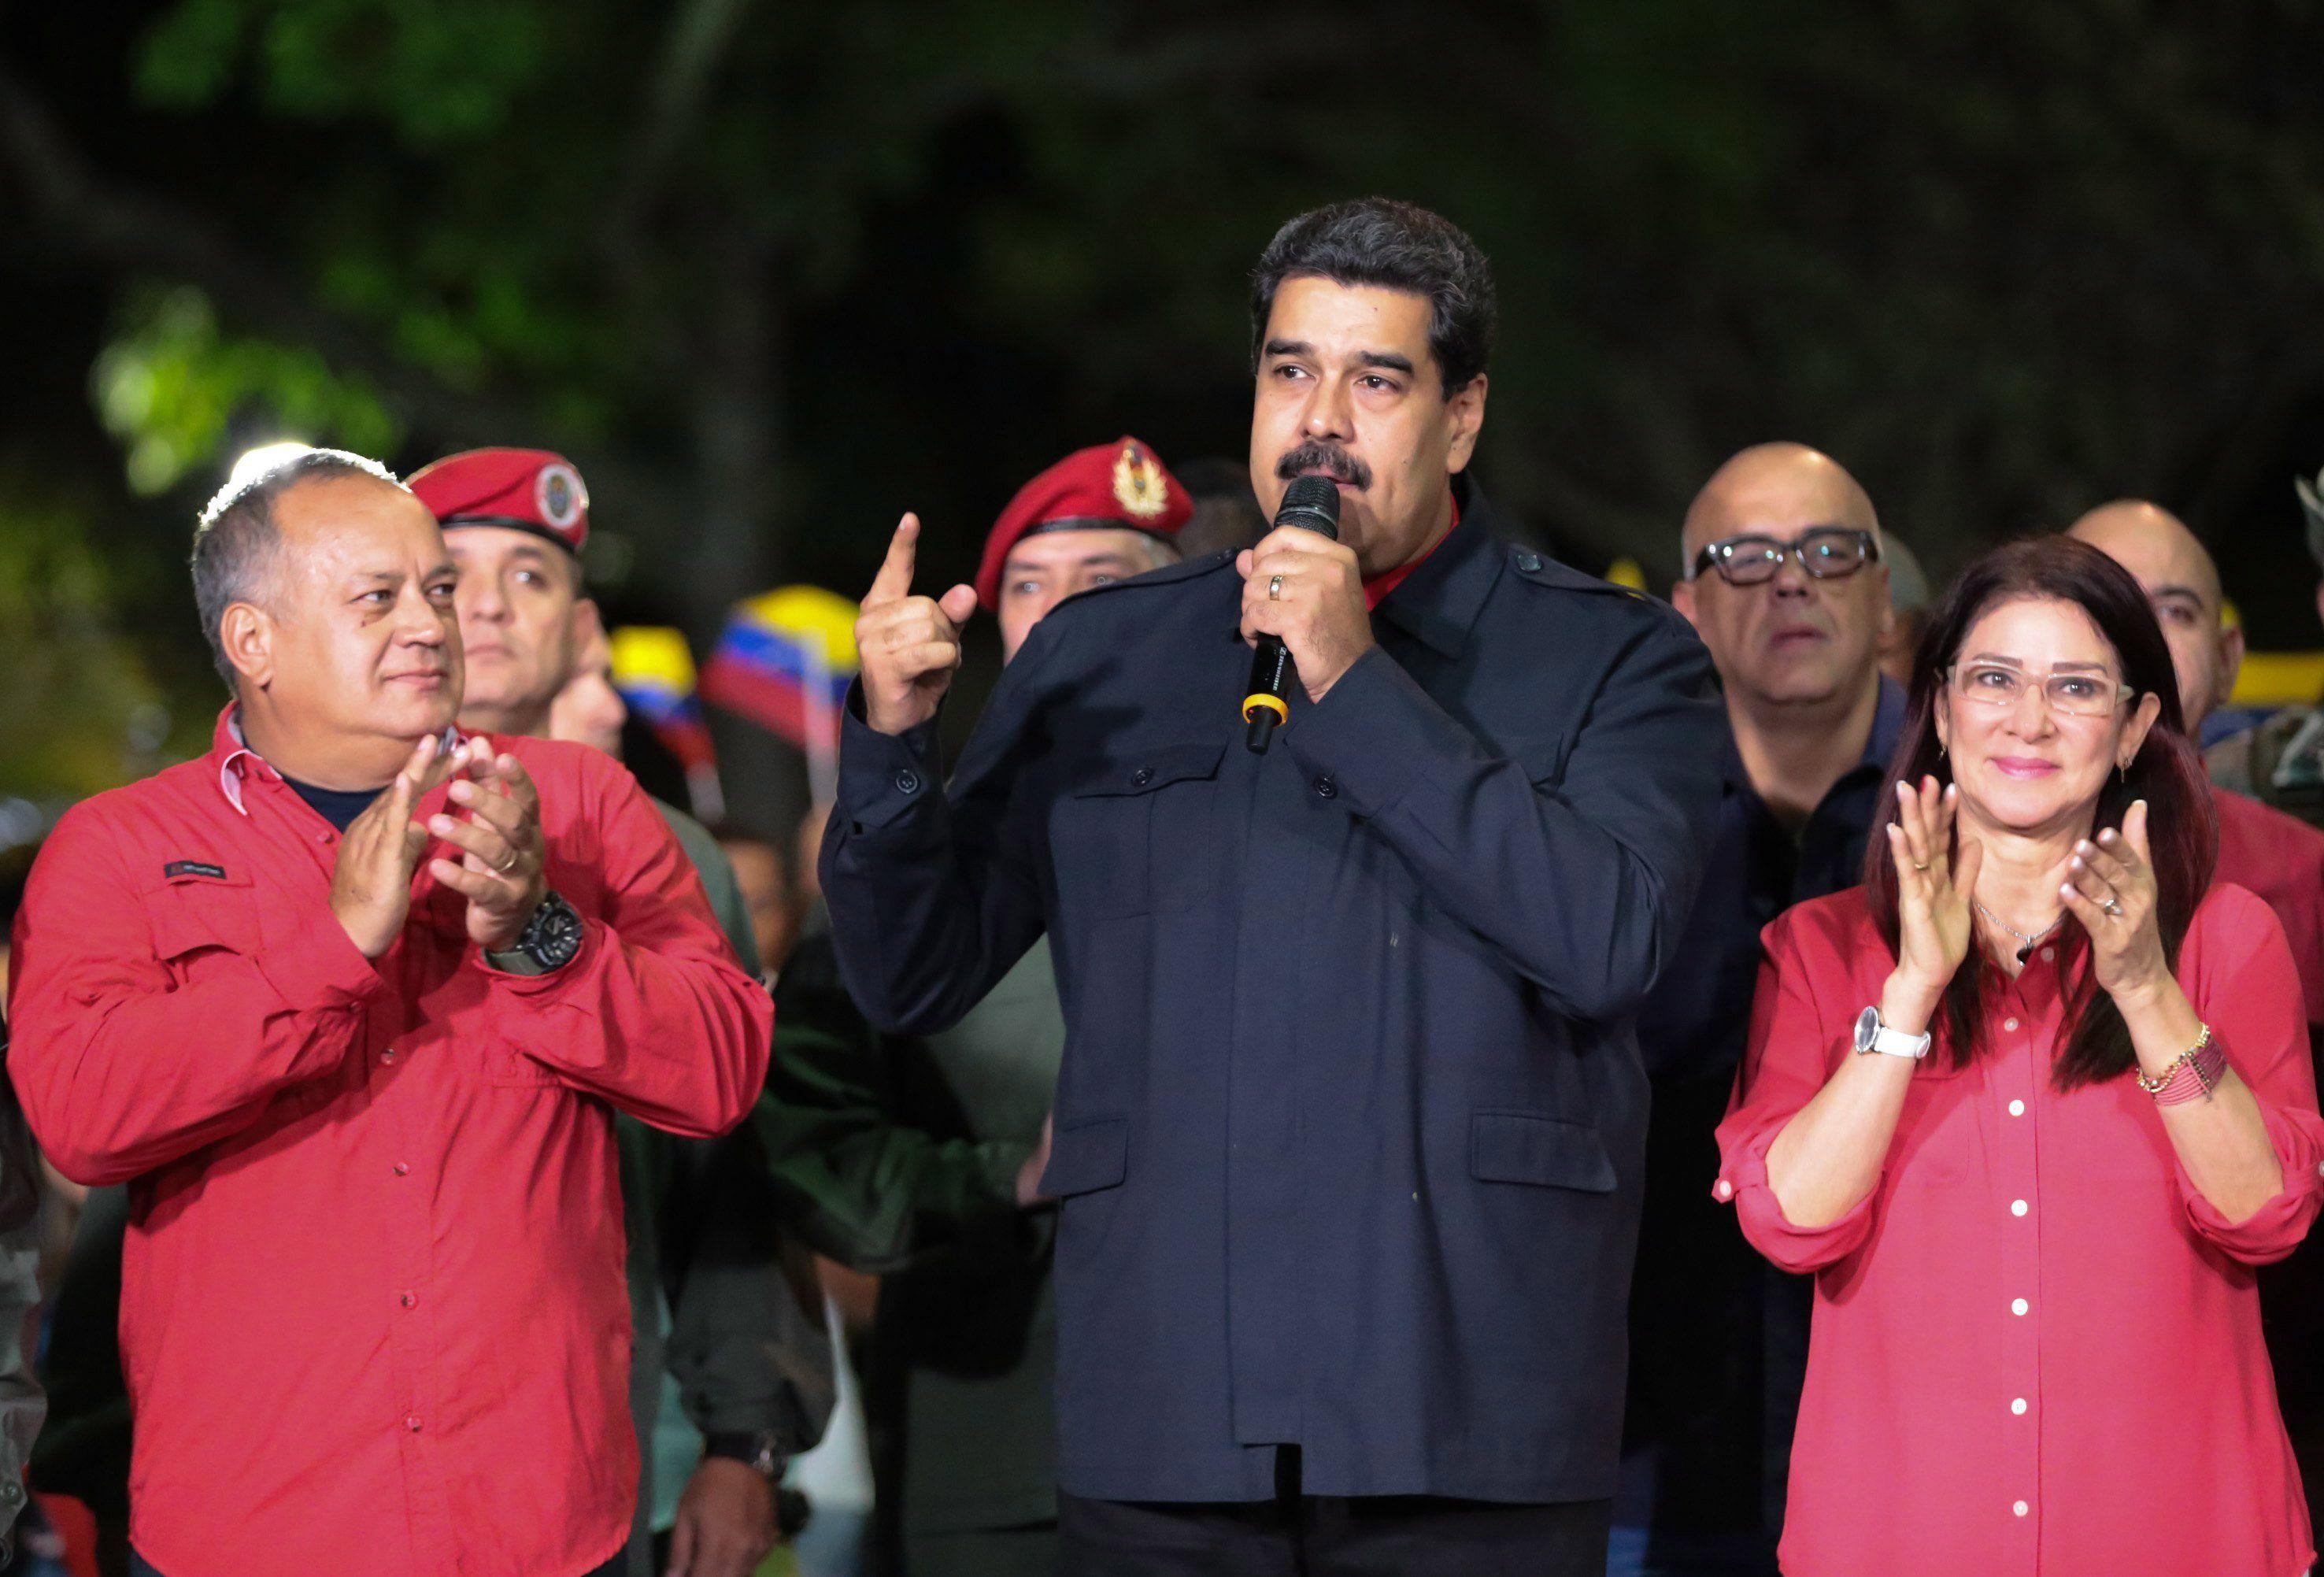 Caracas, 2017. október 16. A Miraflores elnöki palota által közreadott képen Nicolás Maduro venezuelai elnök (k) a támogatóihoz beszél Caracasban 2017. október 15-én, miután pártja, a kormányzó szocialista párt megnyerte a regionális választásokat. Az eredmény értelmében a szocialisták a huszonháromból tizenhét kormányzói tisztséget tölthetnek be. (MTI/EPA/Miraflores-palota)